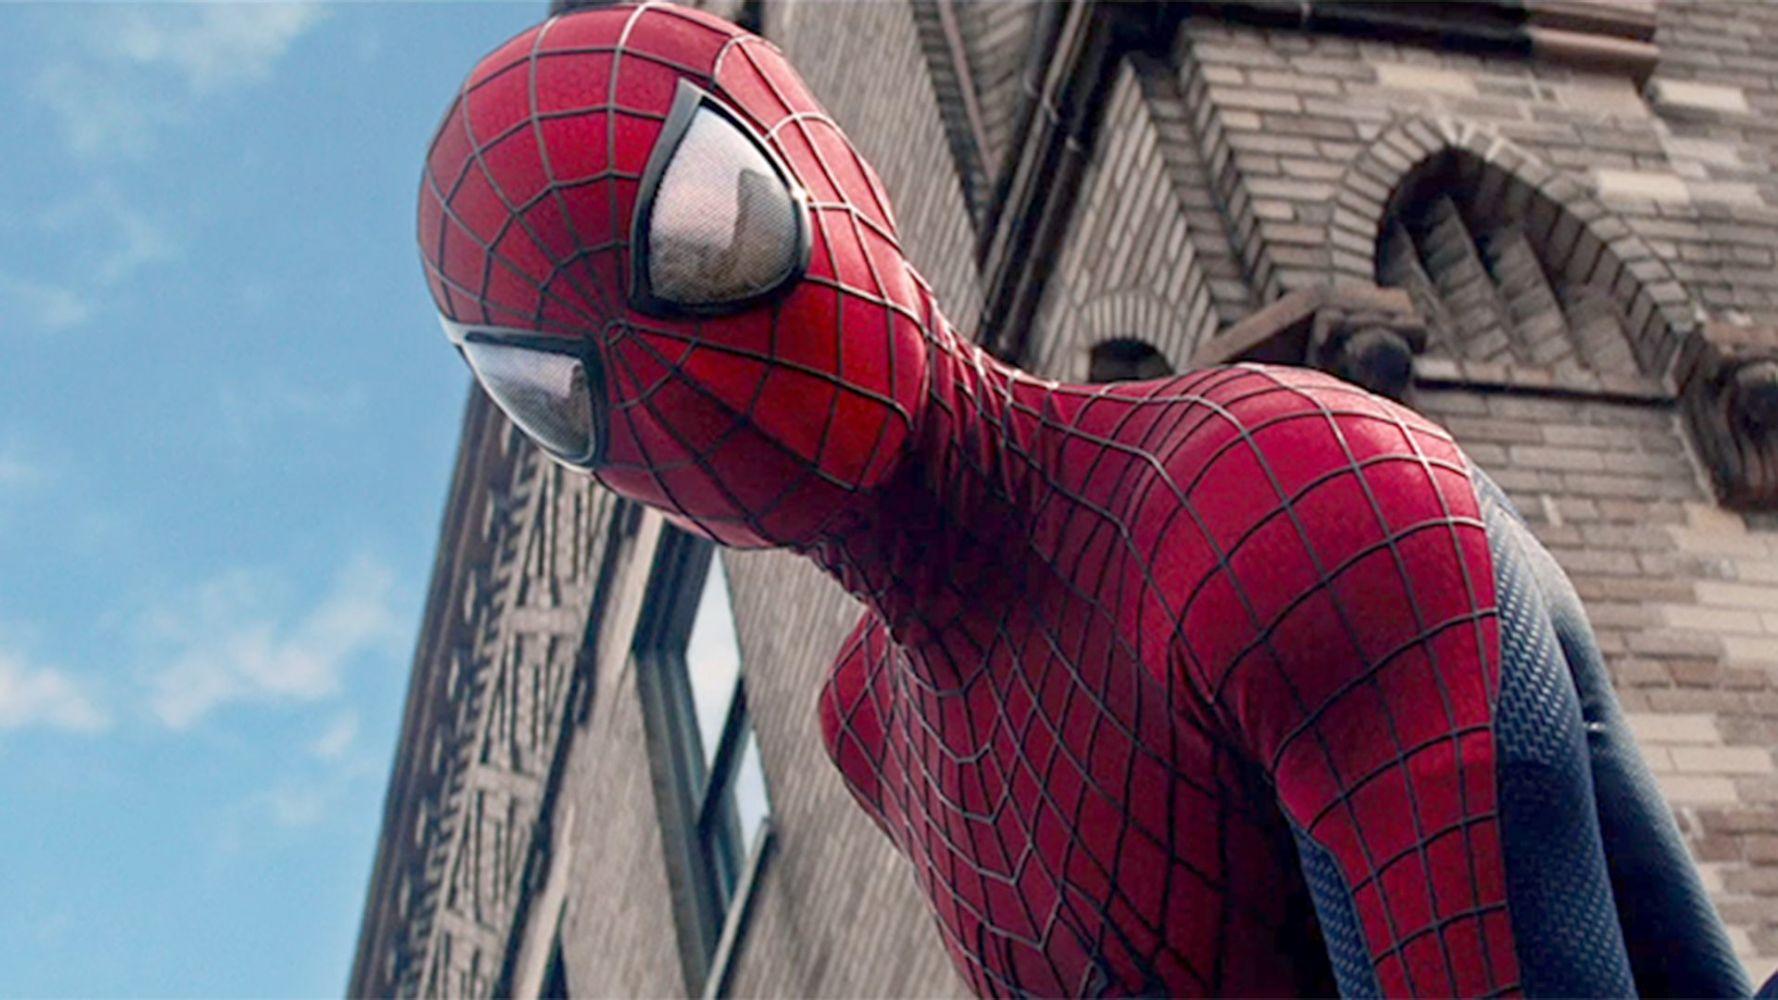 Смотреть онлайн новый человек паук высокое напряжение, Новый Человек-паук 5: Высокое напряжение 1 фотография